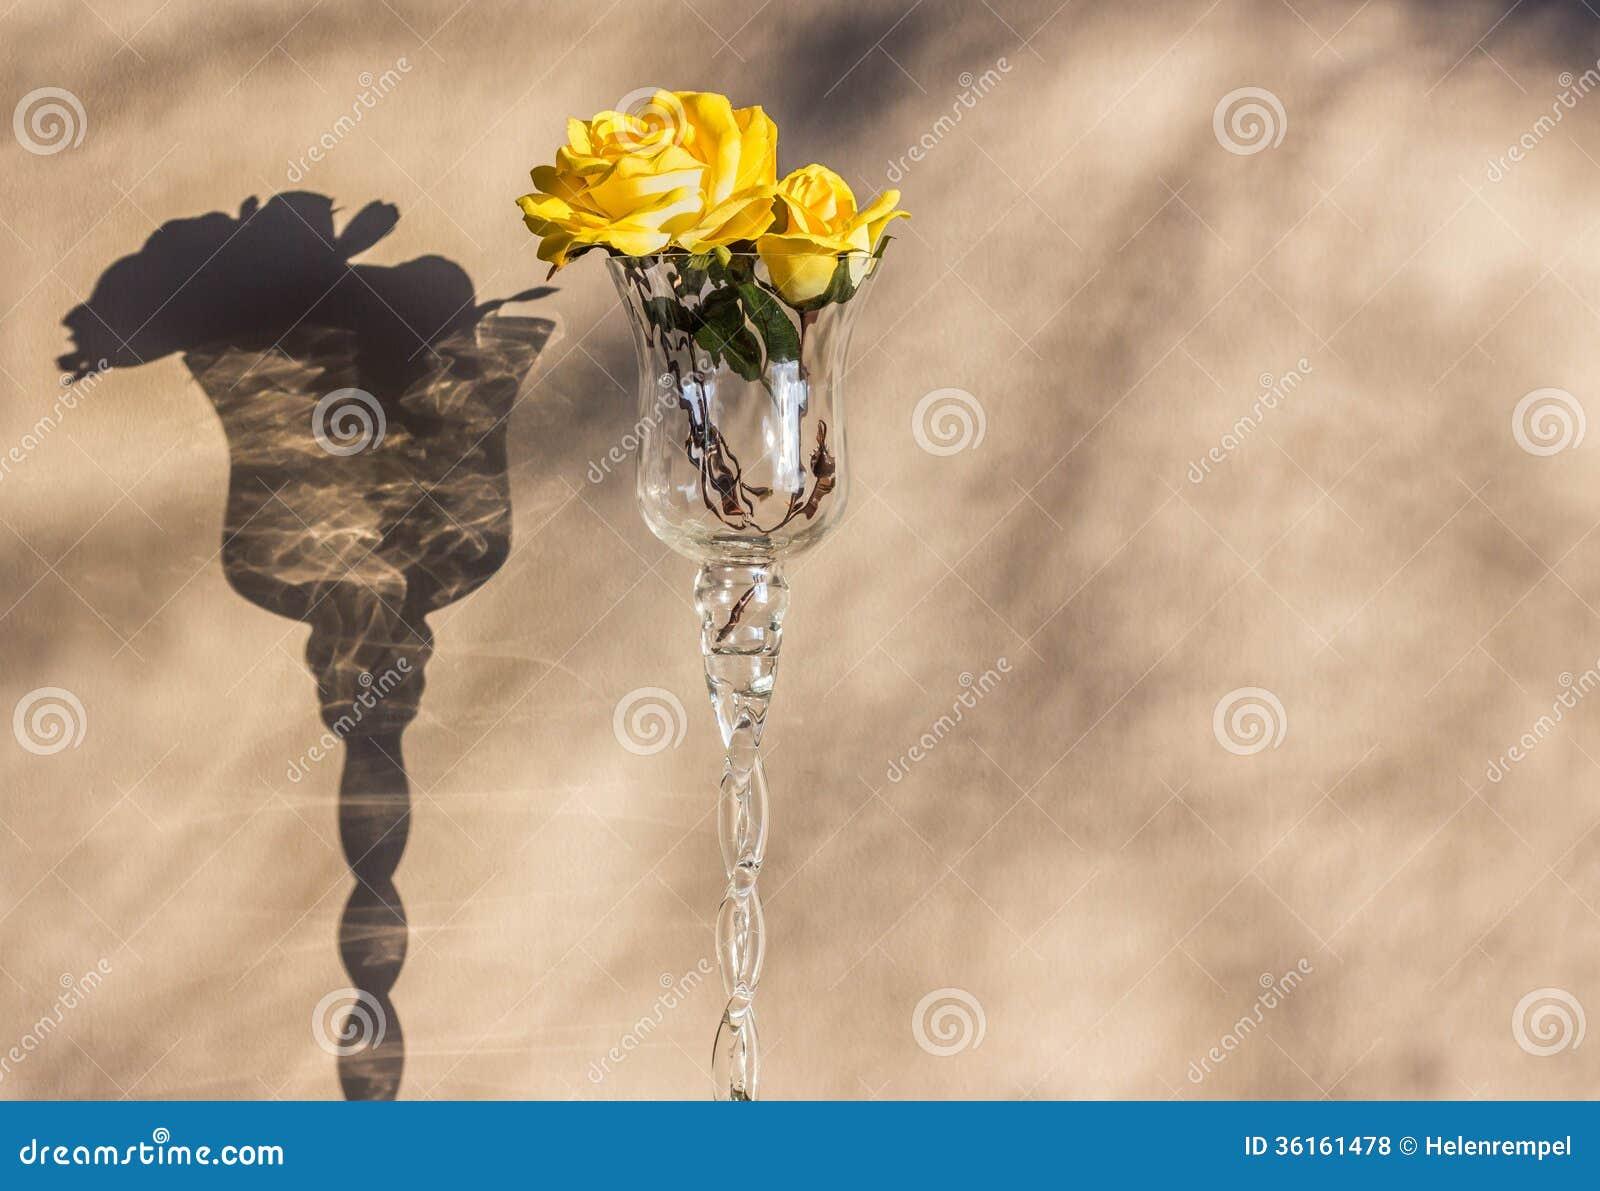 rose de jaune dans le vase verre vin photos libres de droits image 36161478. Black Bedroom Furniture Sets. Home Design Ideas